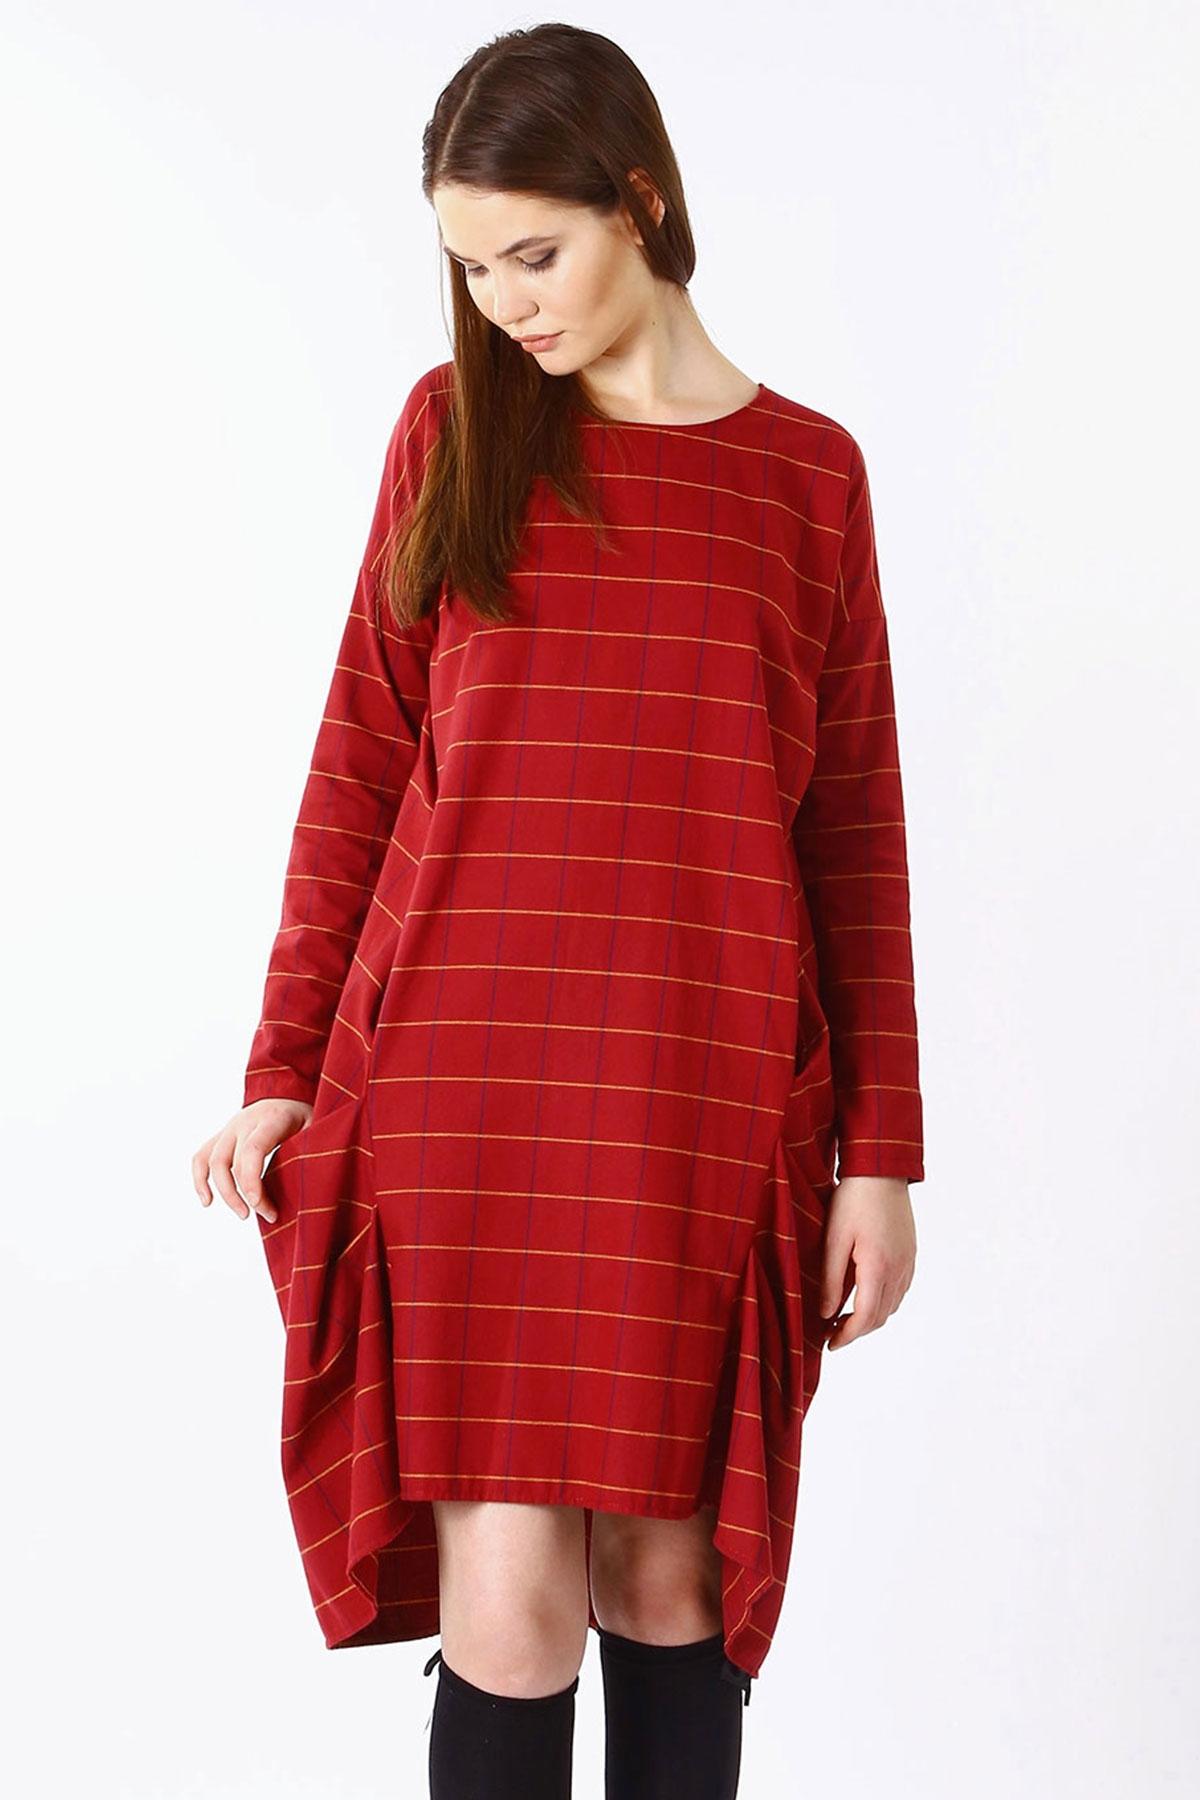 Уникална дамска рокля с набори от двете страни / Handmade by Monkey Fiction